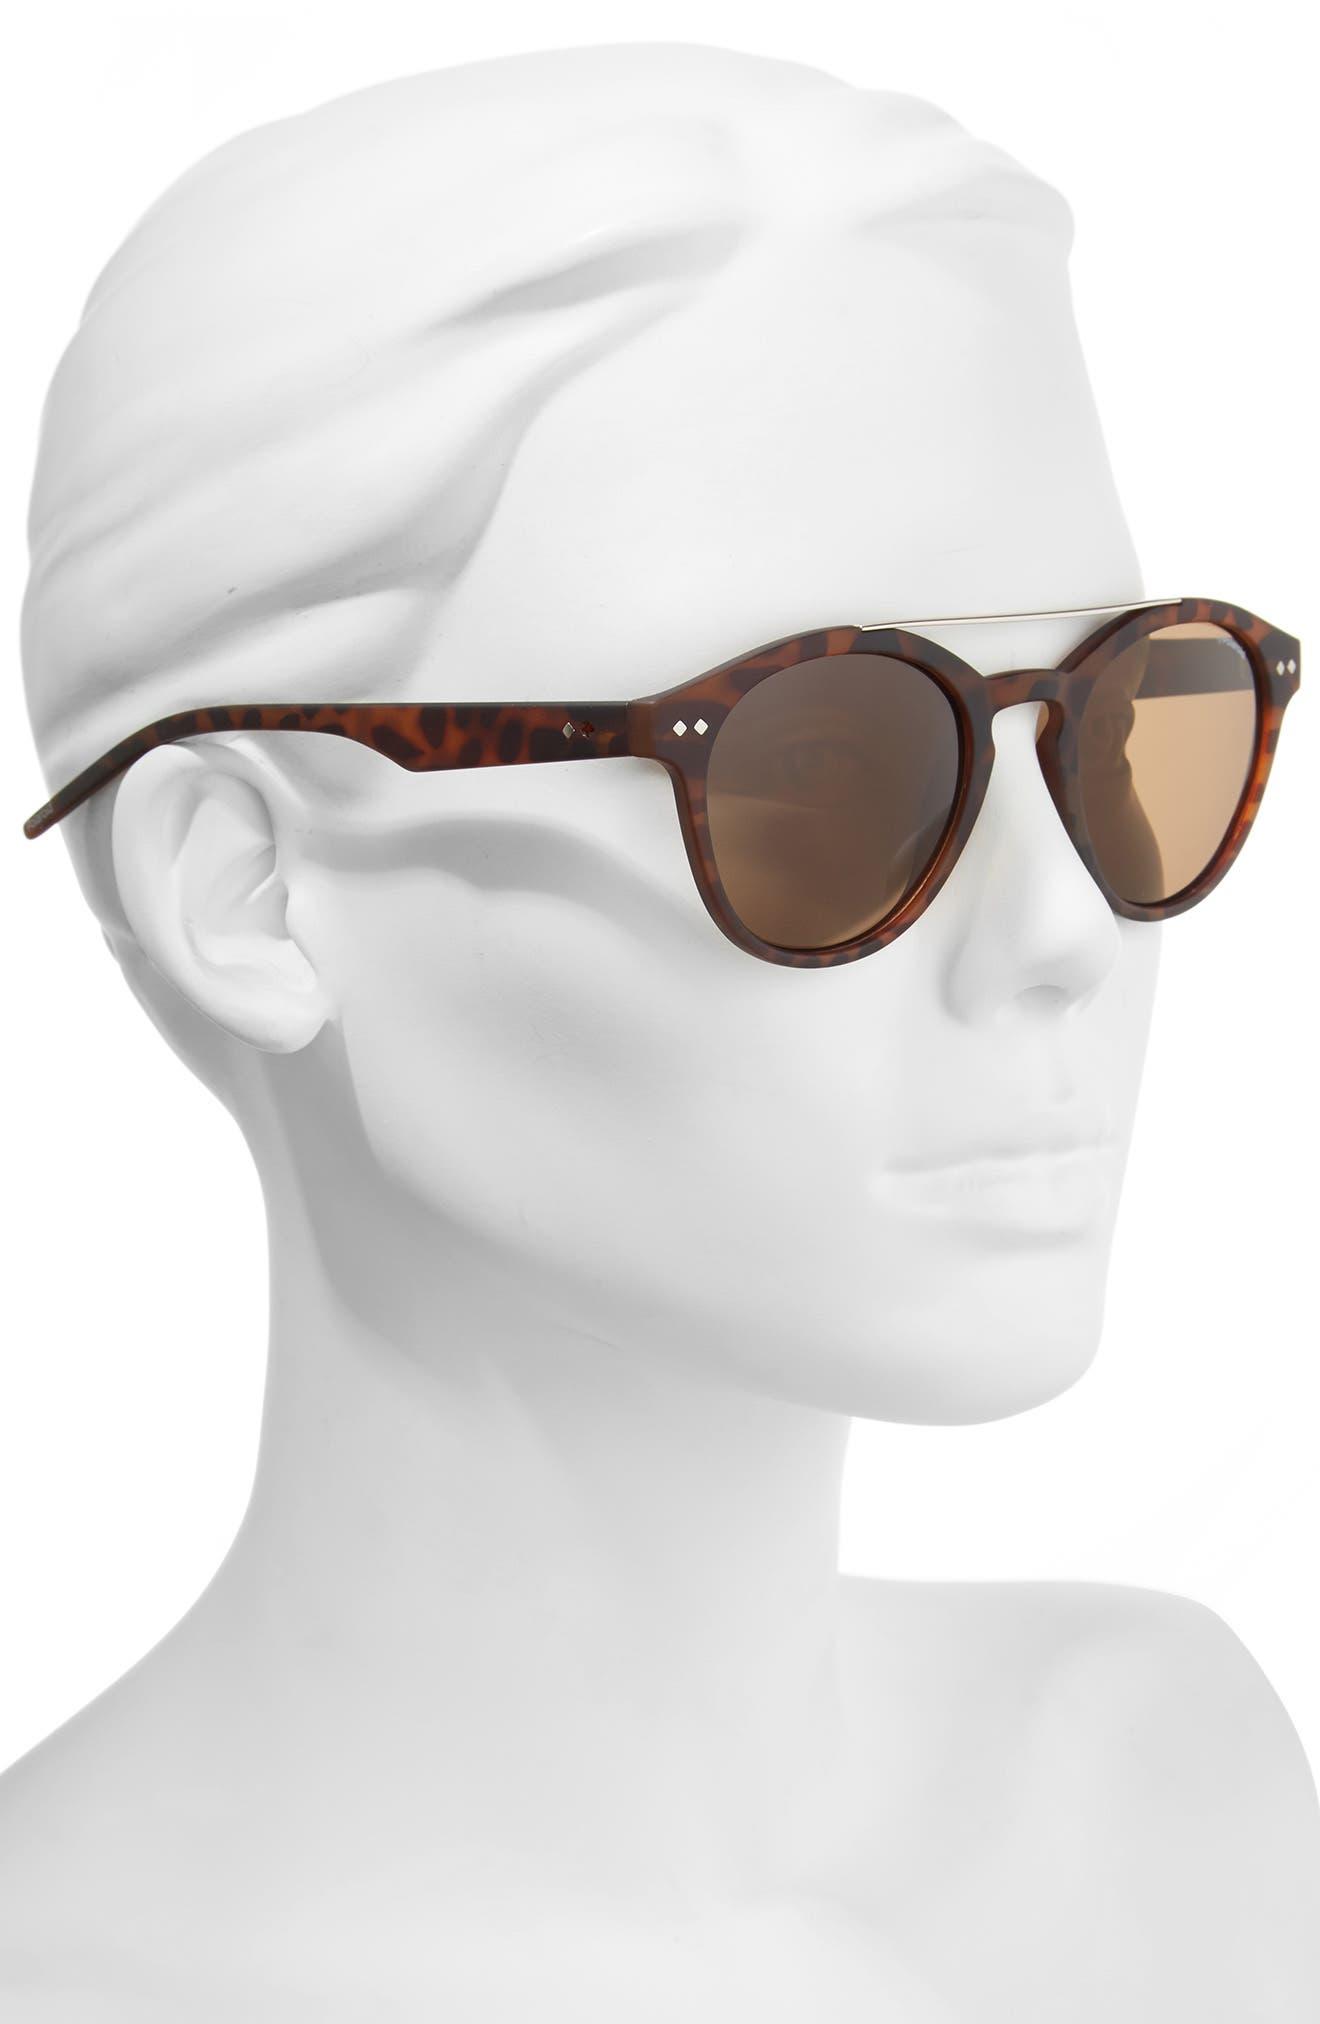 50mm Polarized Retro Sunglasses,                             Alternate thumbnail 4, color,